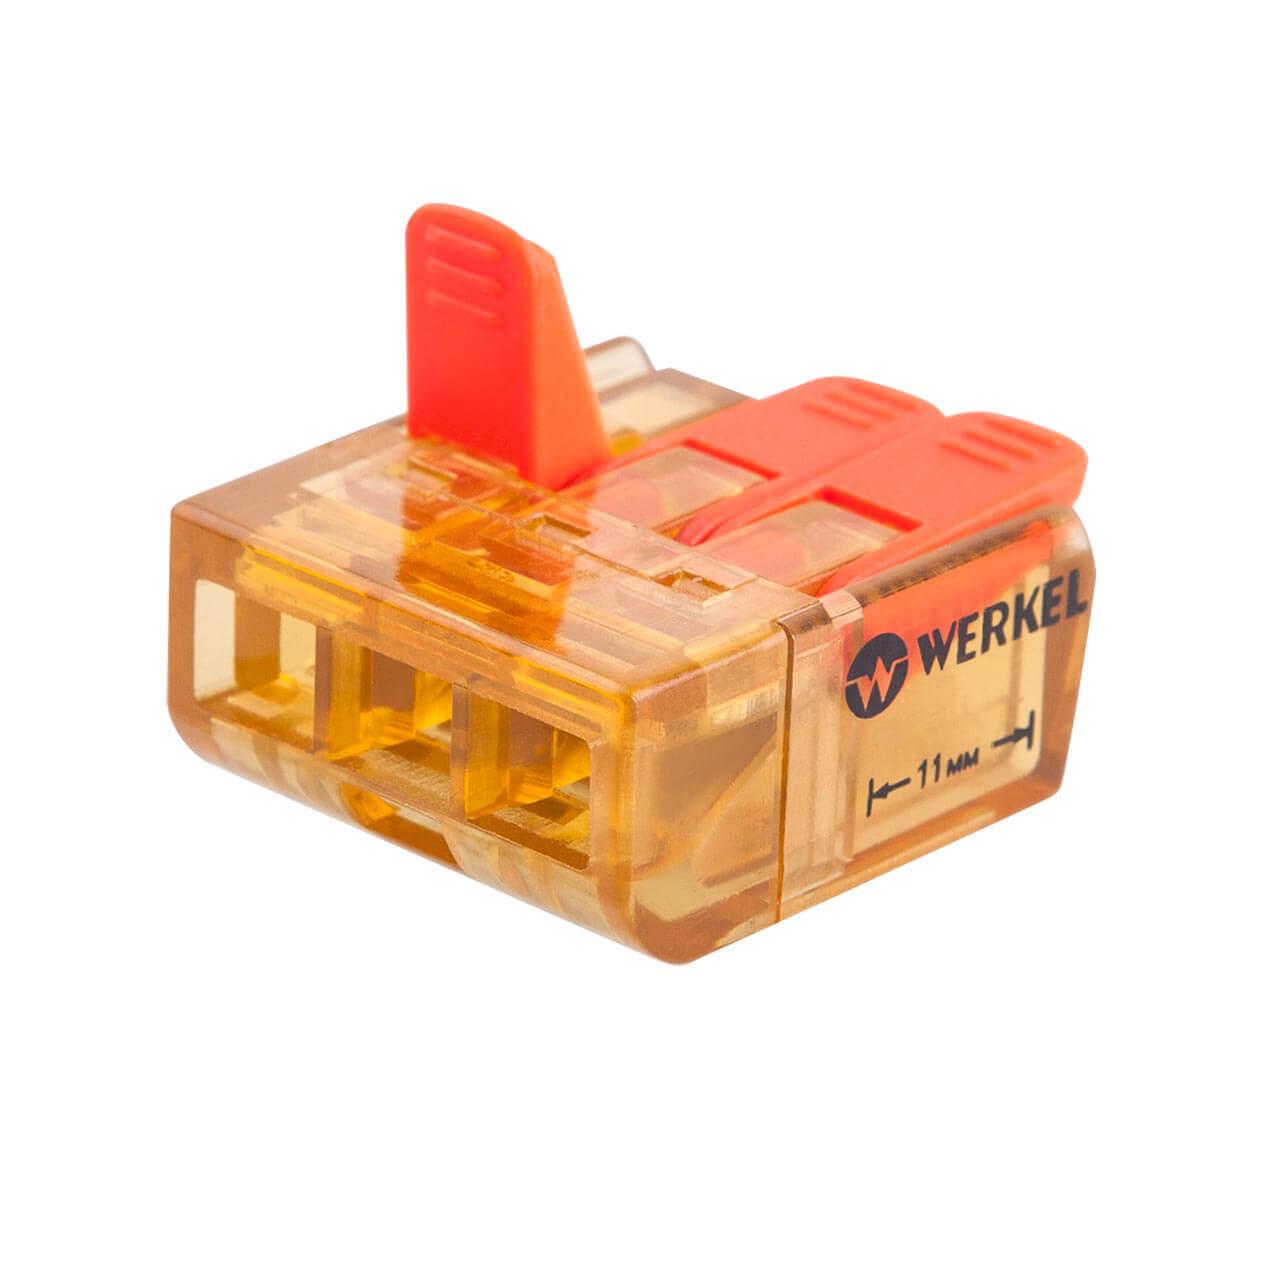 Клемма соединительная Werkel 3-проводная 5 шт TR-02-03 14690389107365 клемма соединительная werkel 3 проводная 5 шт tr 02 02 14690389107358